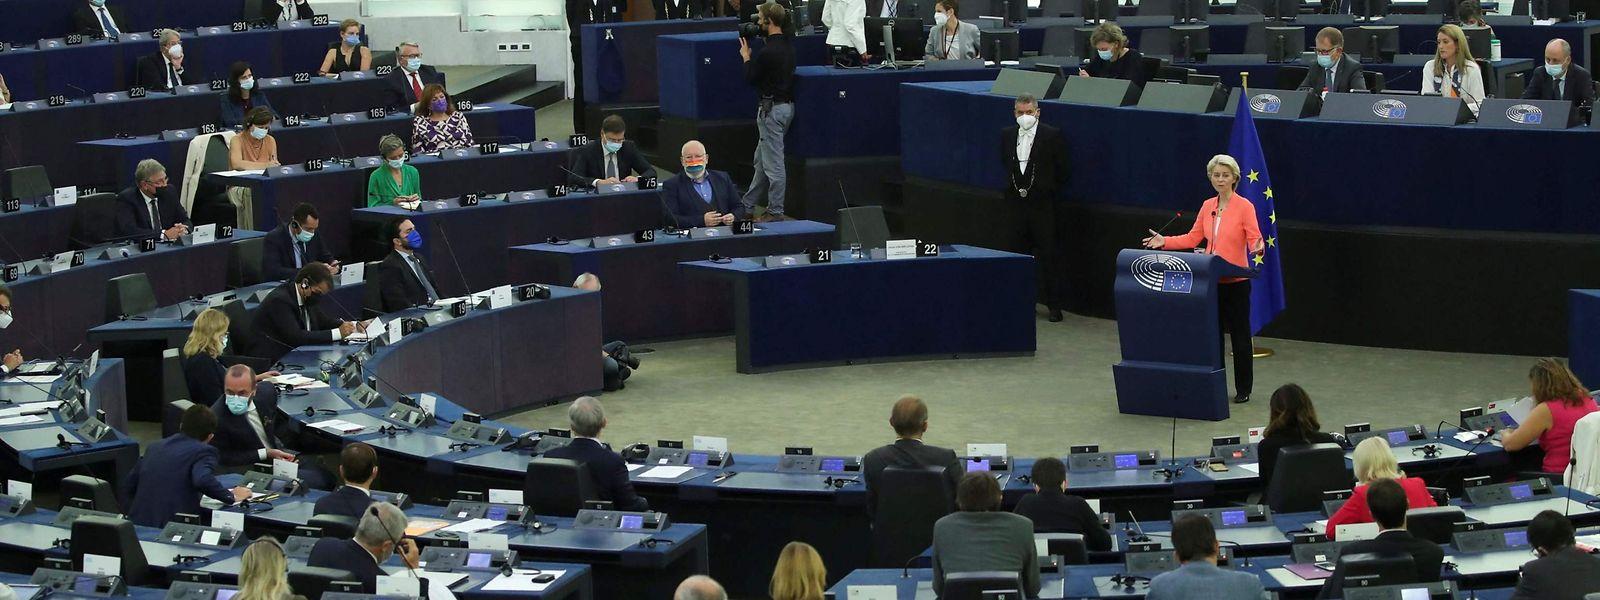 La présidente de la Commission n'a pas convaincu les eurodéputés luxembourgeois, que ce soit sur le plan de l'évasion fiscale, de la protection de l'environnement ou de l'Afghanistan.